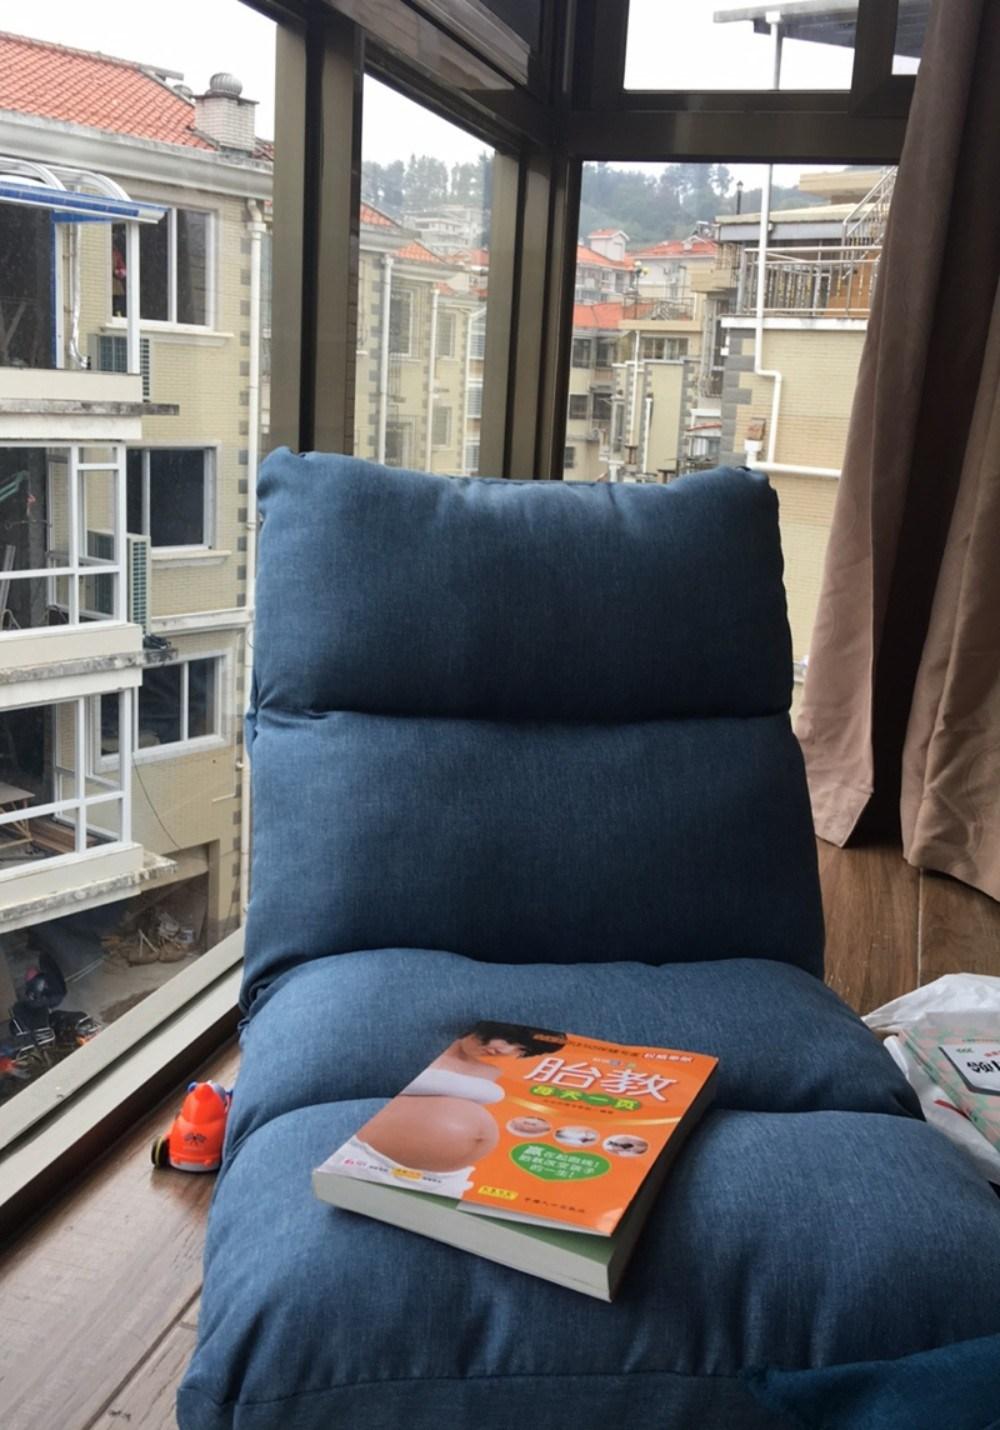 좌식 의자 다다미 여름방학좌식의자 기숙사 침대 등받이 접이식 게으른 소파 안락 의자, 네 그리드 하늘색 두꺼워